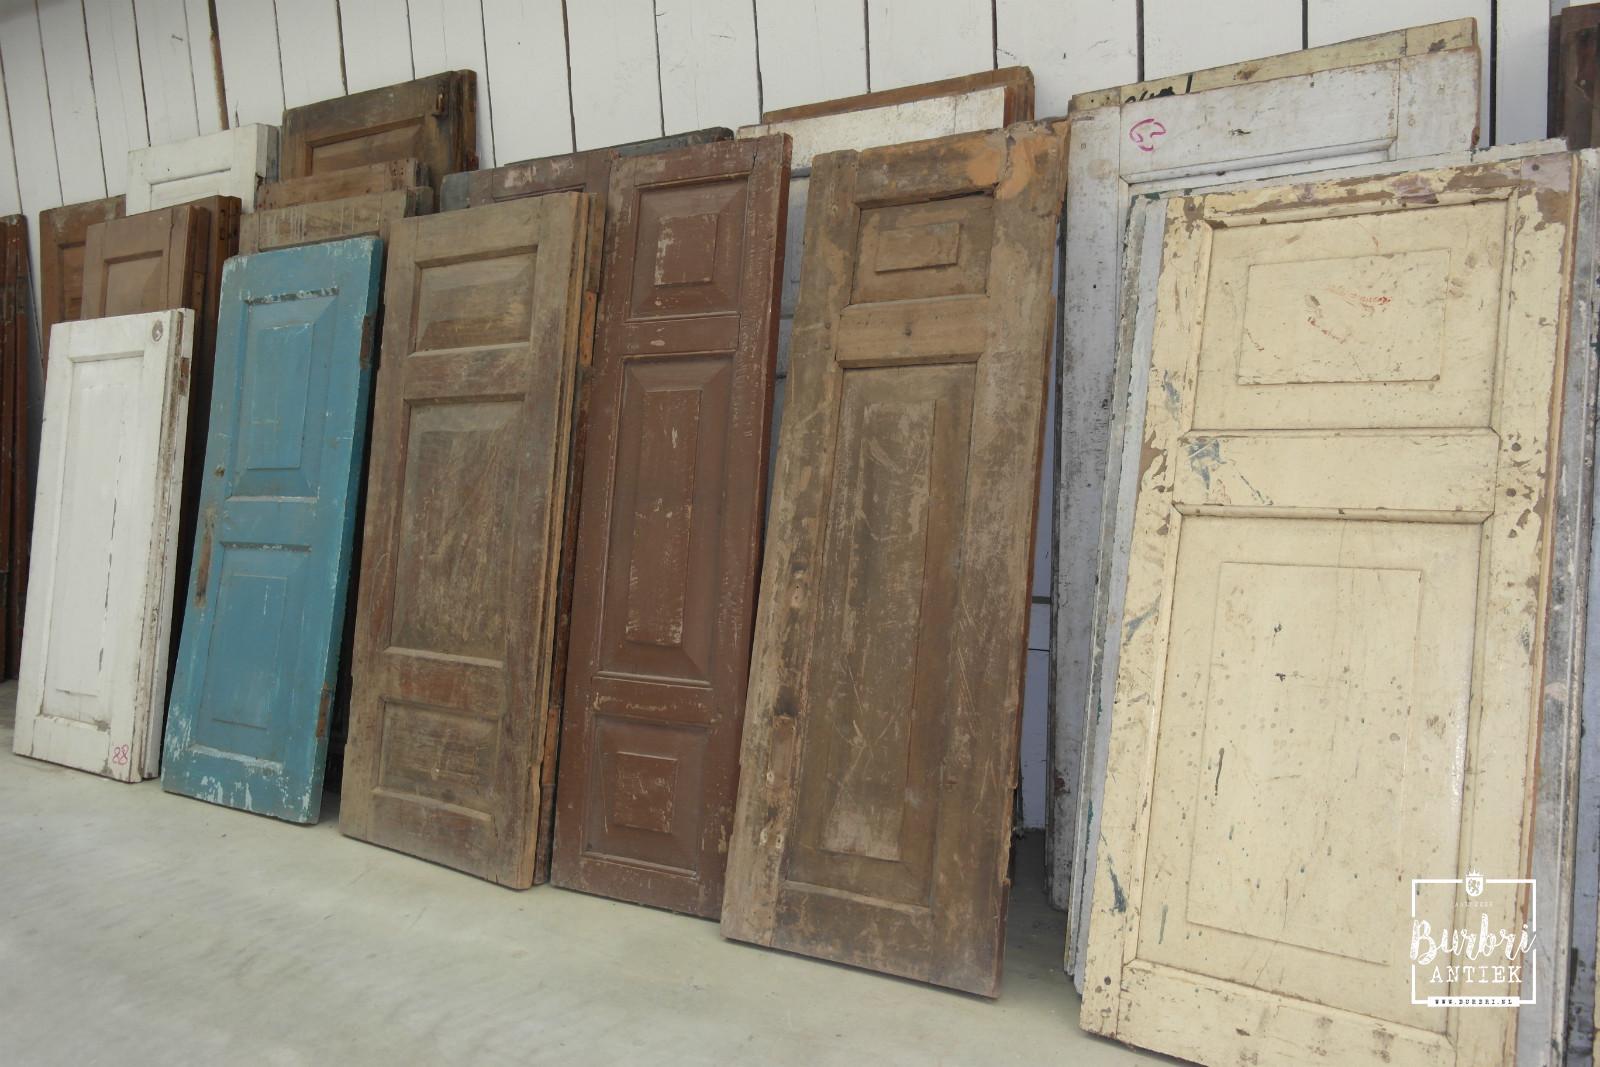 Oude Kastdeuren Met Glas: Speurders hx br set dubbele deuren met glas ...